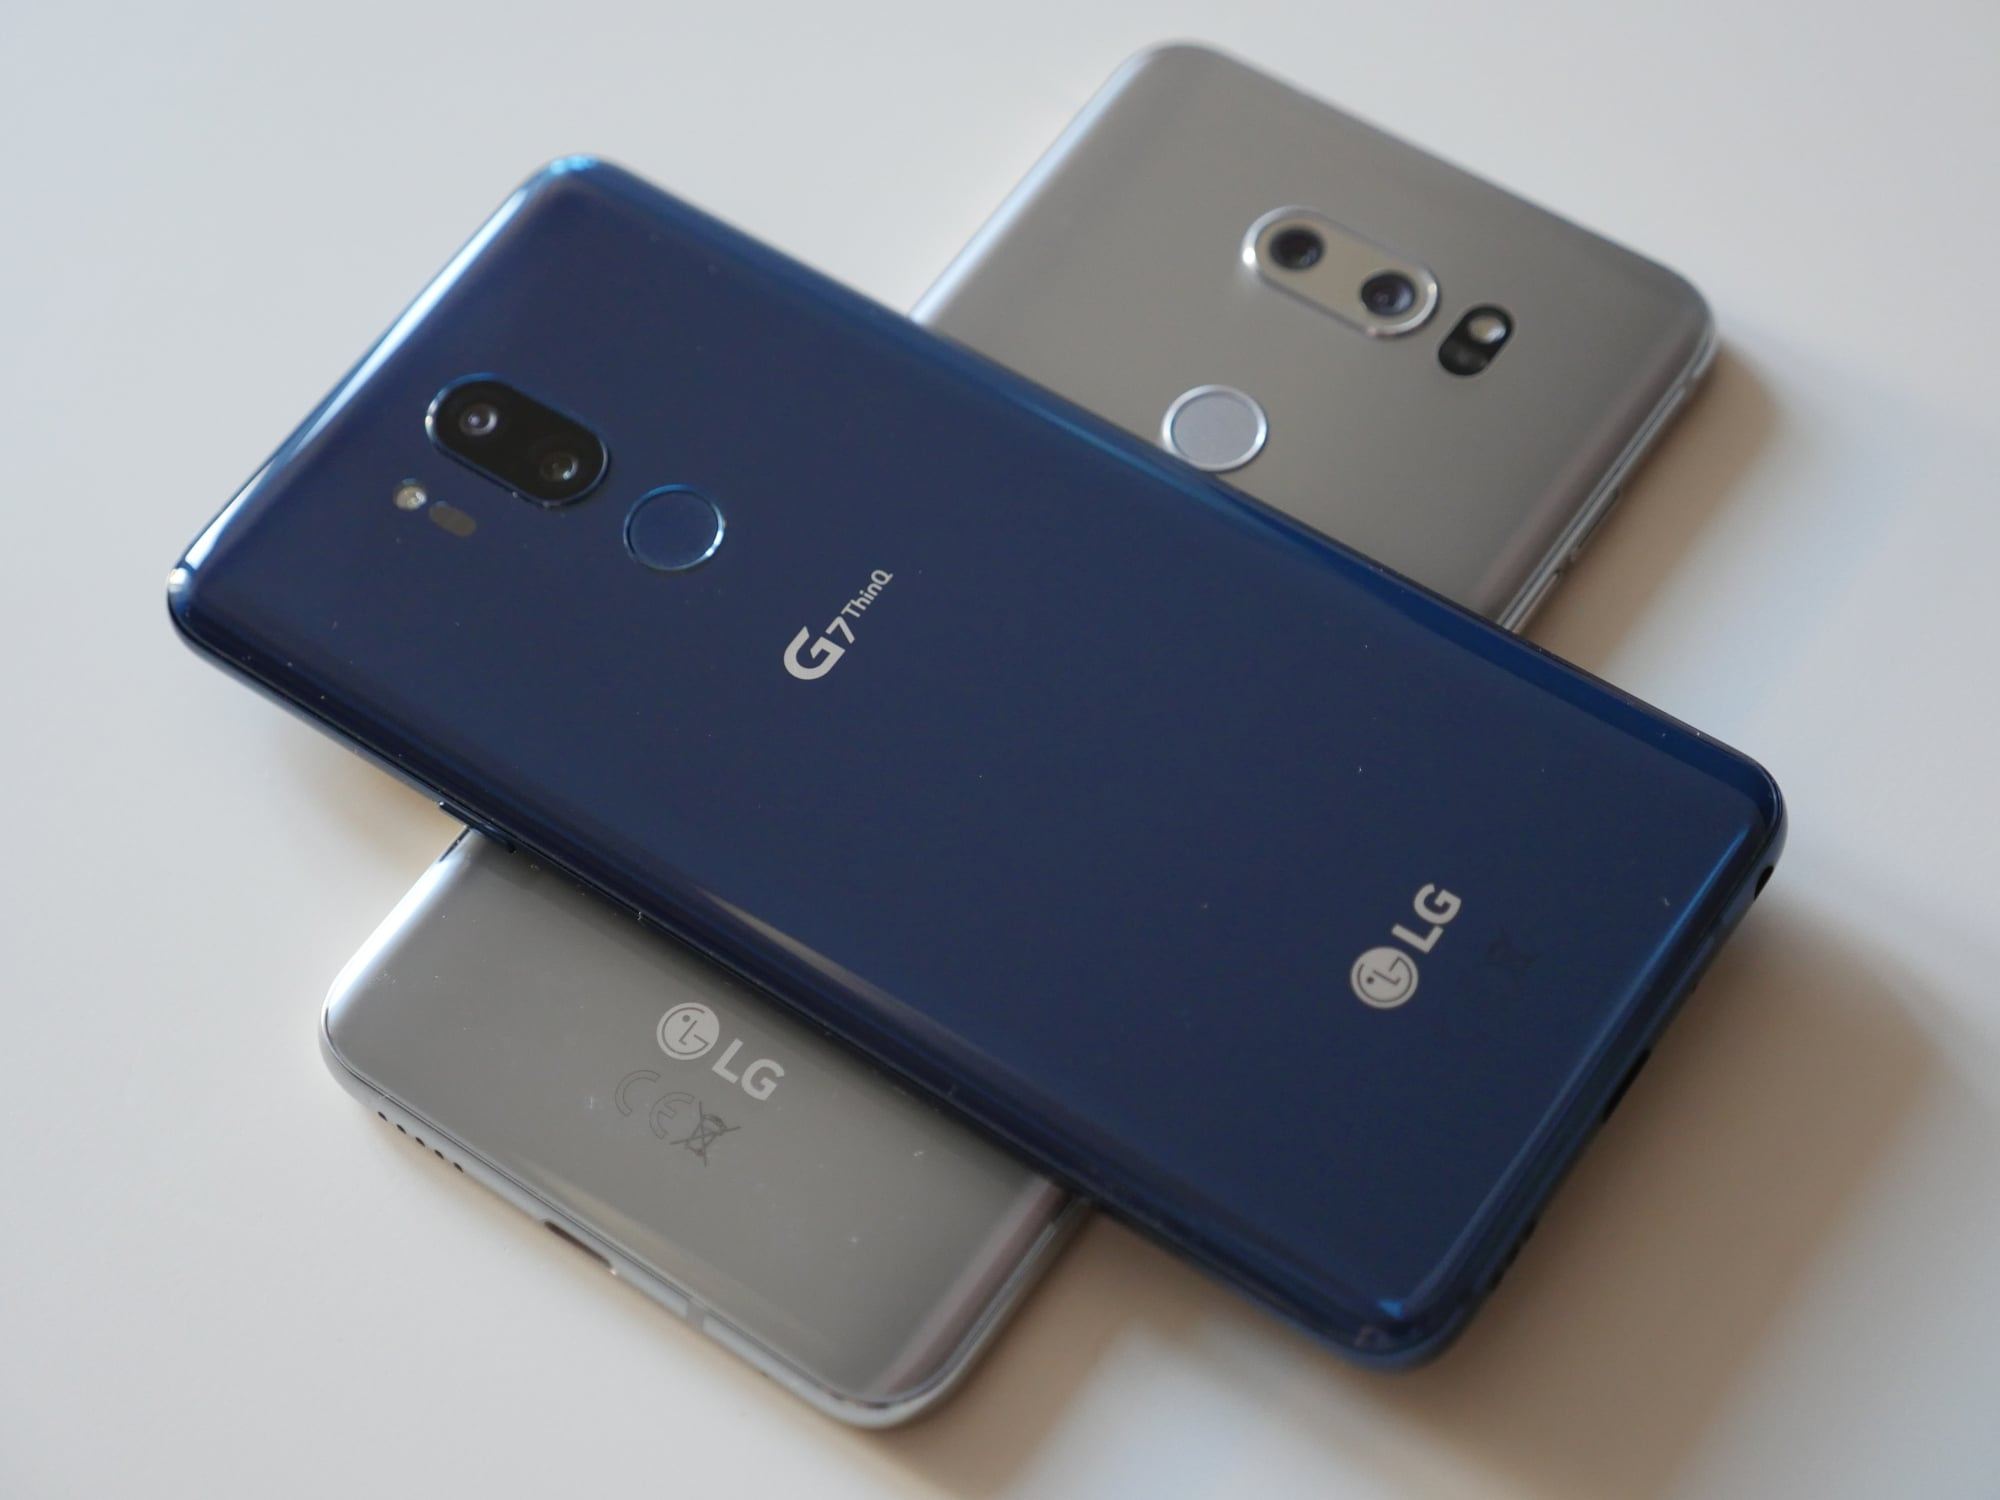 Dwa najlepsze smartfony LG w jednym miejscu, czyli porównanie G7 ThinQ i V30 23